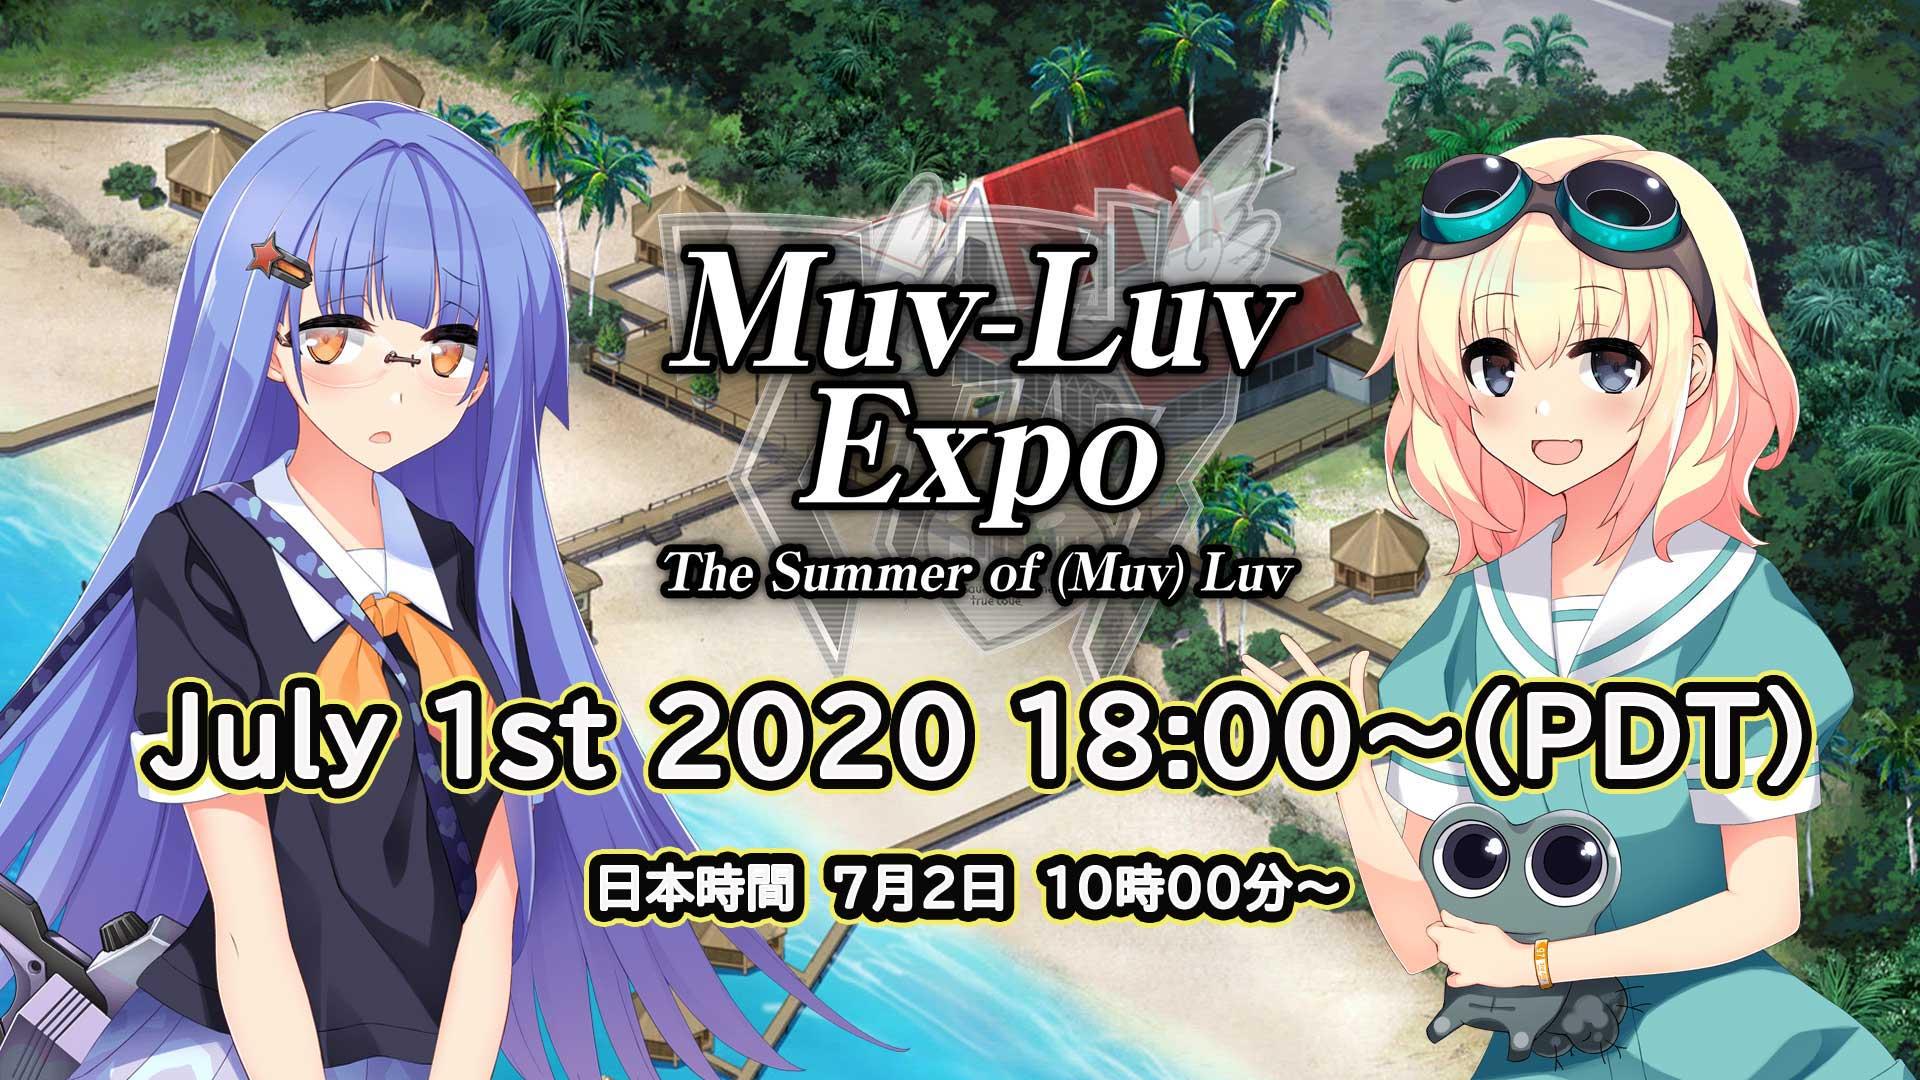 ゲーム最新情報から、栗林みな実・美郷あきミニライブも!  「Muv-Luv Expo: The Summer of (Muv) Luv」 イベントタイムスケジュールを発表